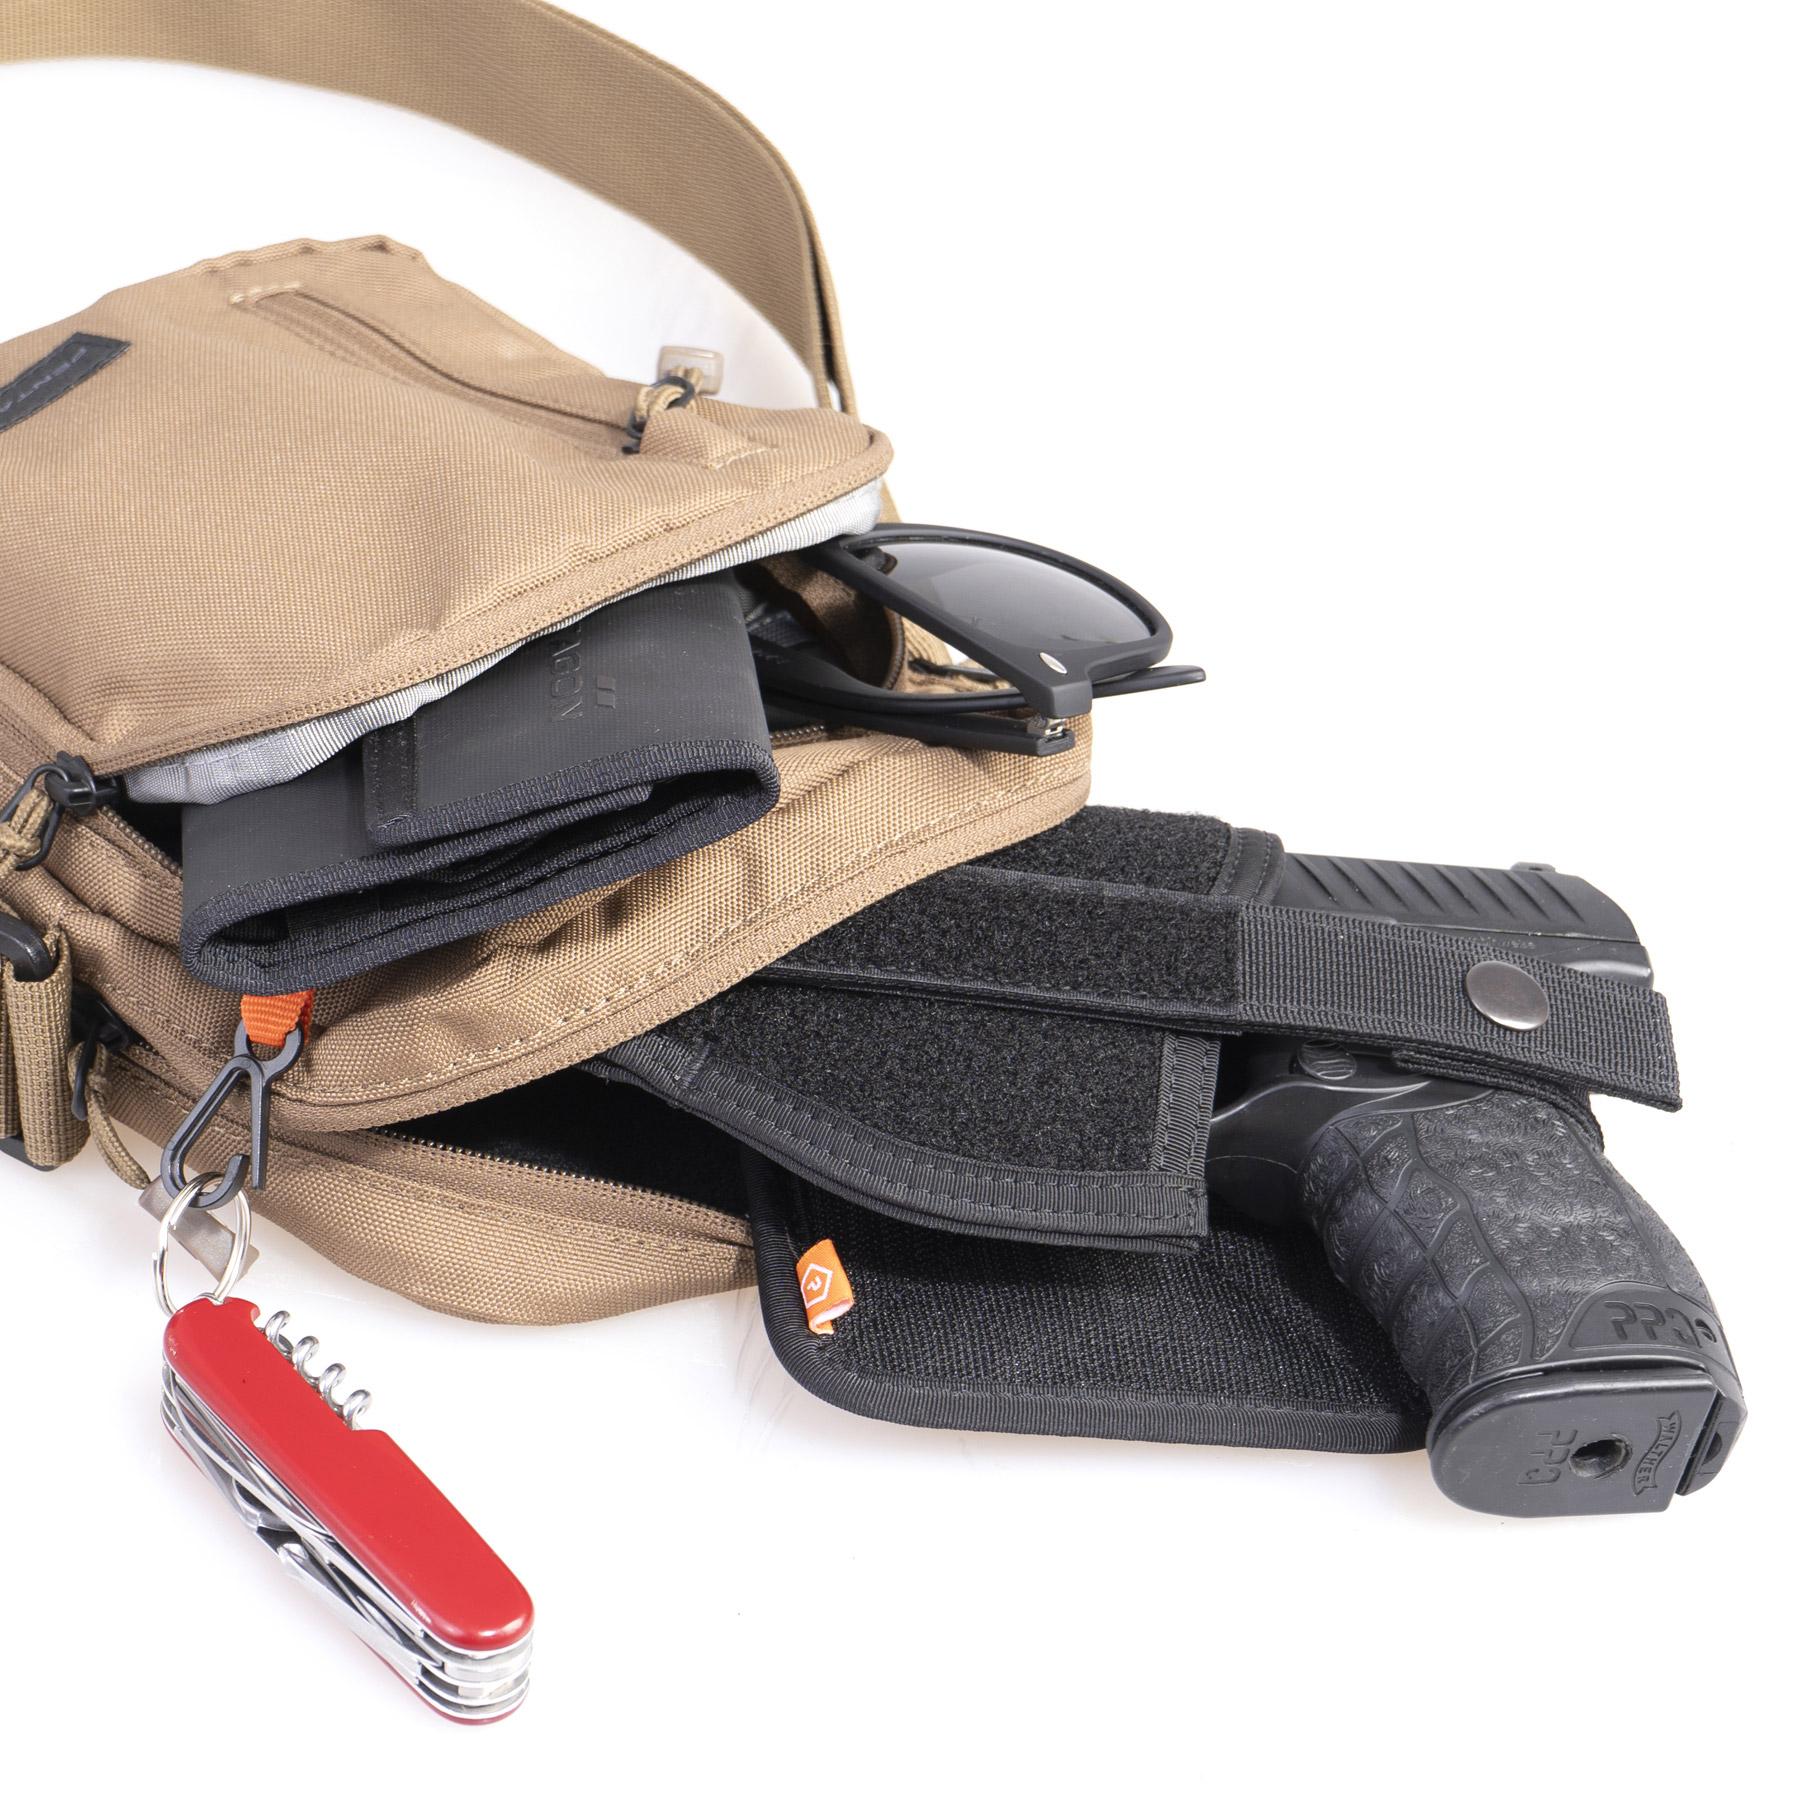 38c307b8f Pentagon KLEOS taška cez rameno - COYOTE | armyvýpredaj.sk | army shop